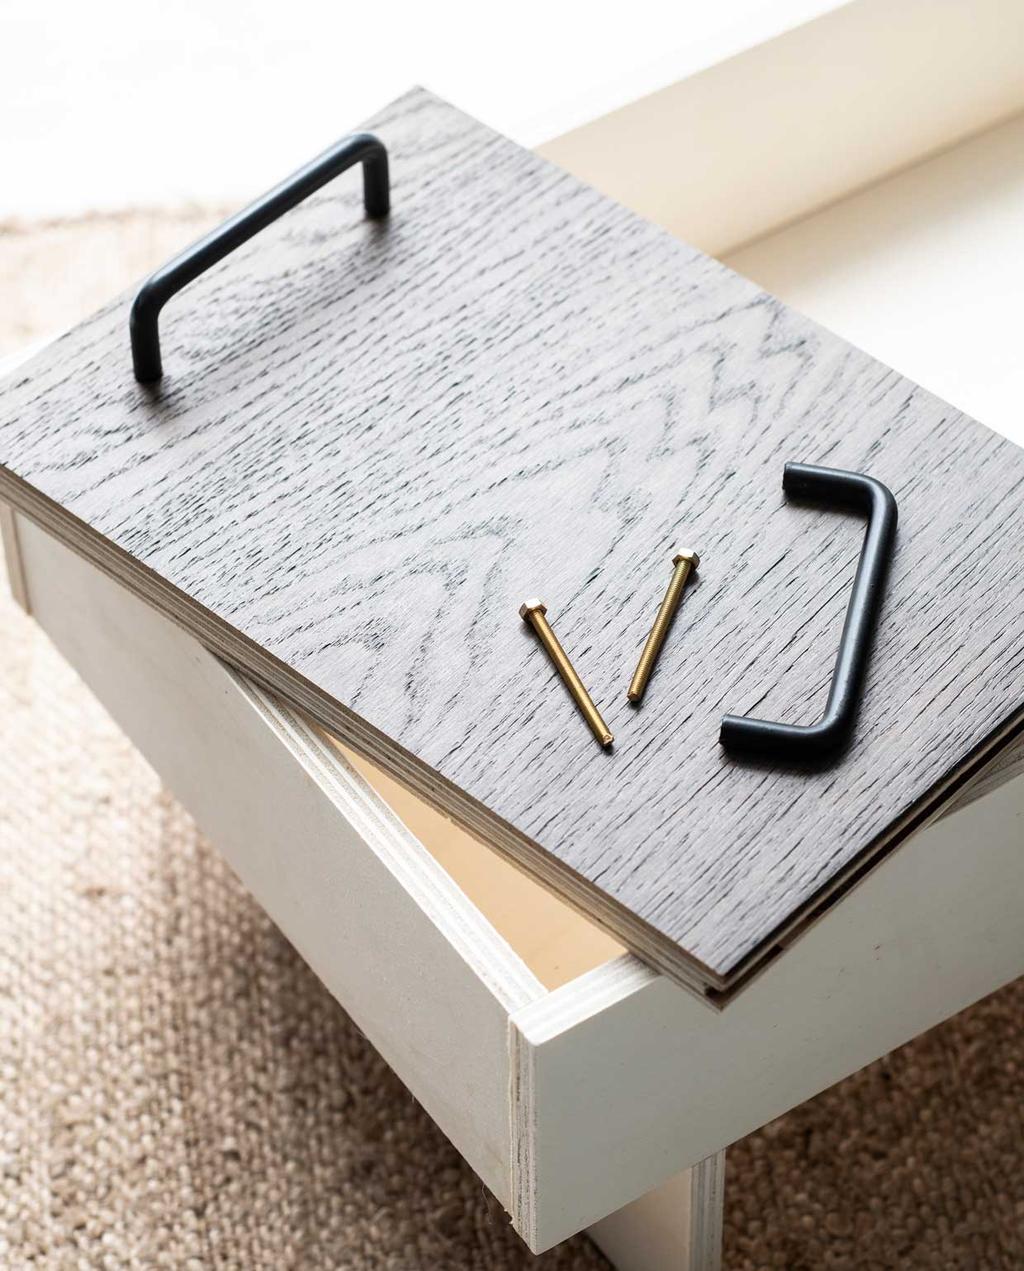 vtwonen 11 - DIY M bedtafeltje met dienblad